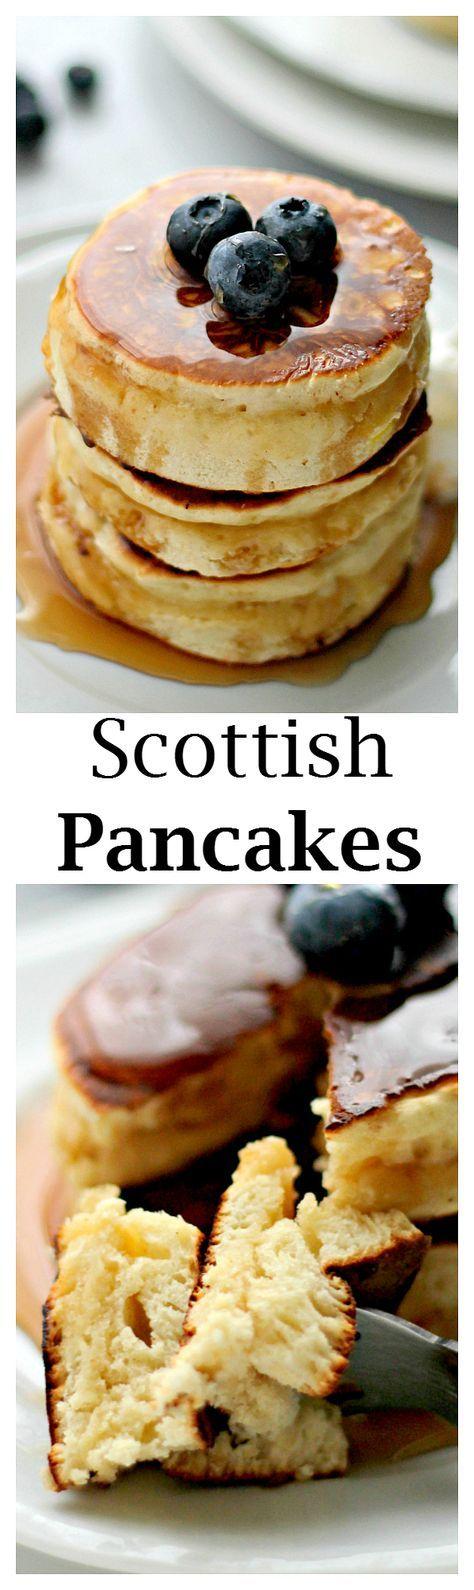 Schottische Pfannkuchen | www.diethood.com | Dies sind die flauschigsten, süßesten, …